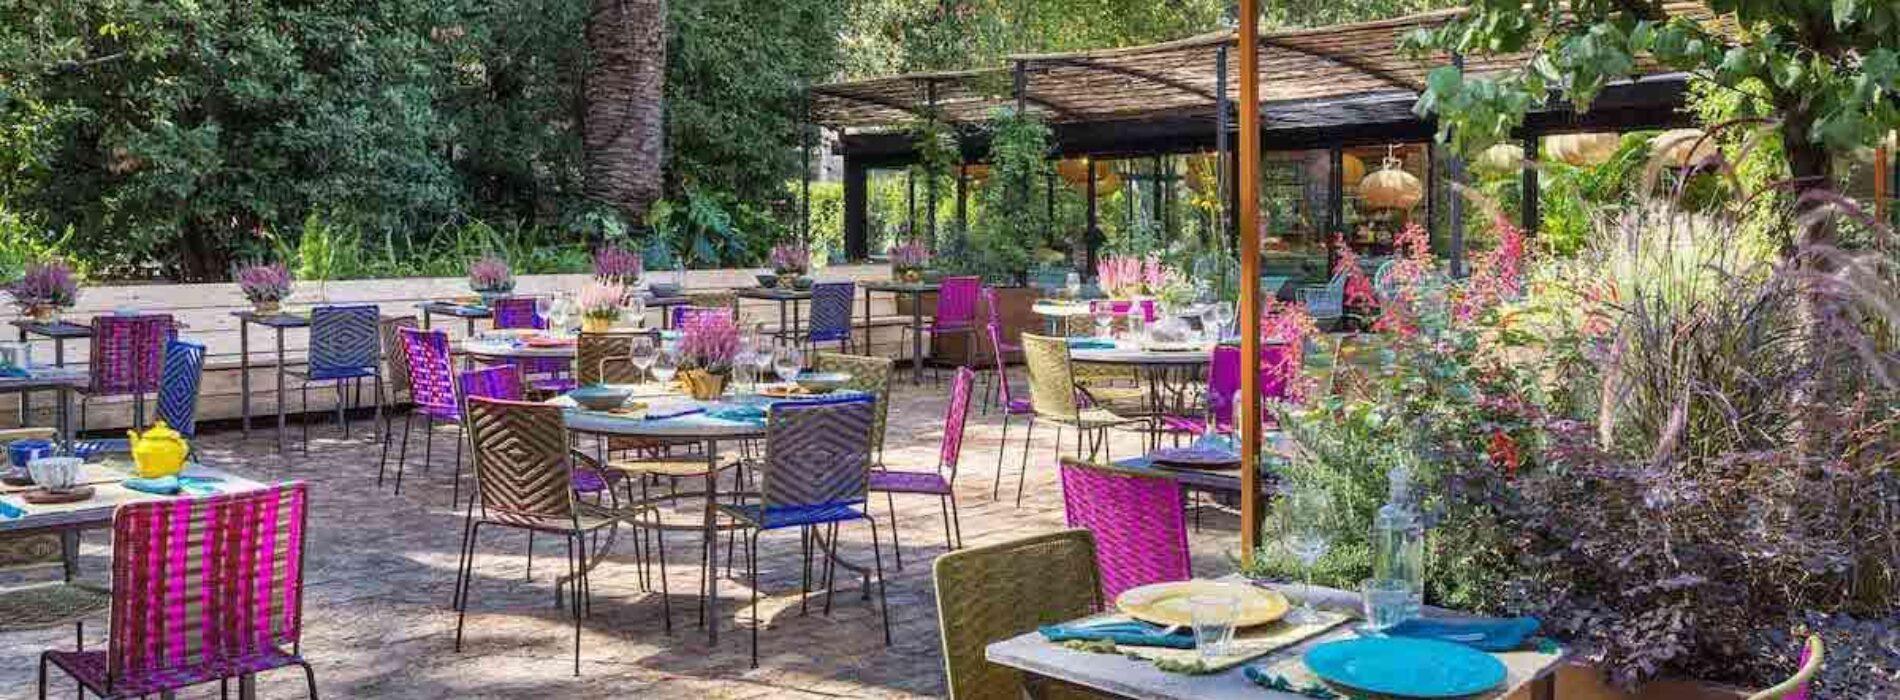 Dove mangiare all'aperto a Roma: la riapertura dei ristoranti con dehors e spazi esterni